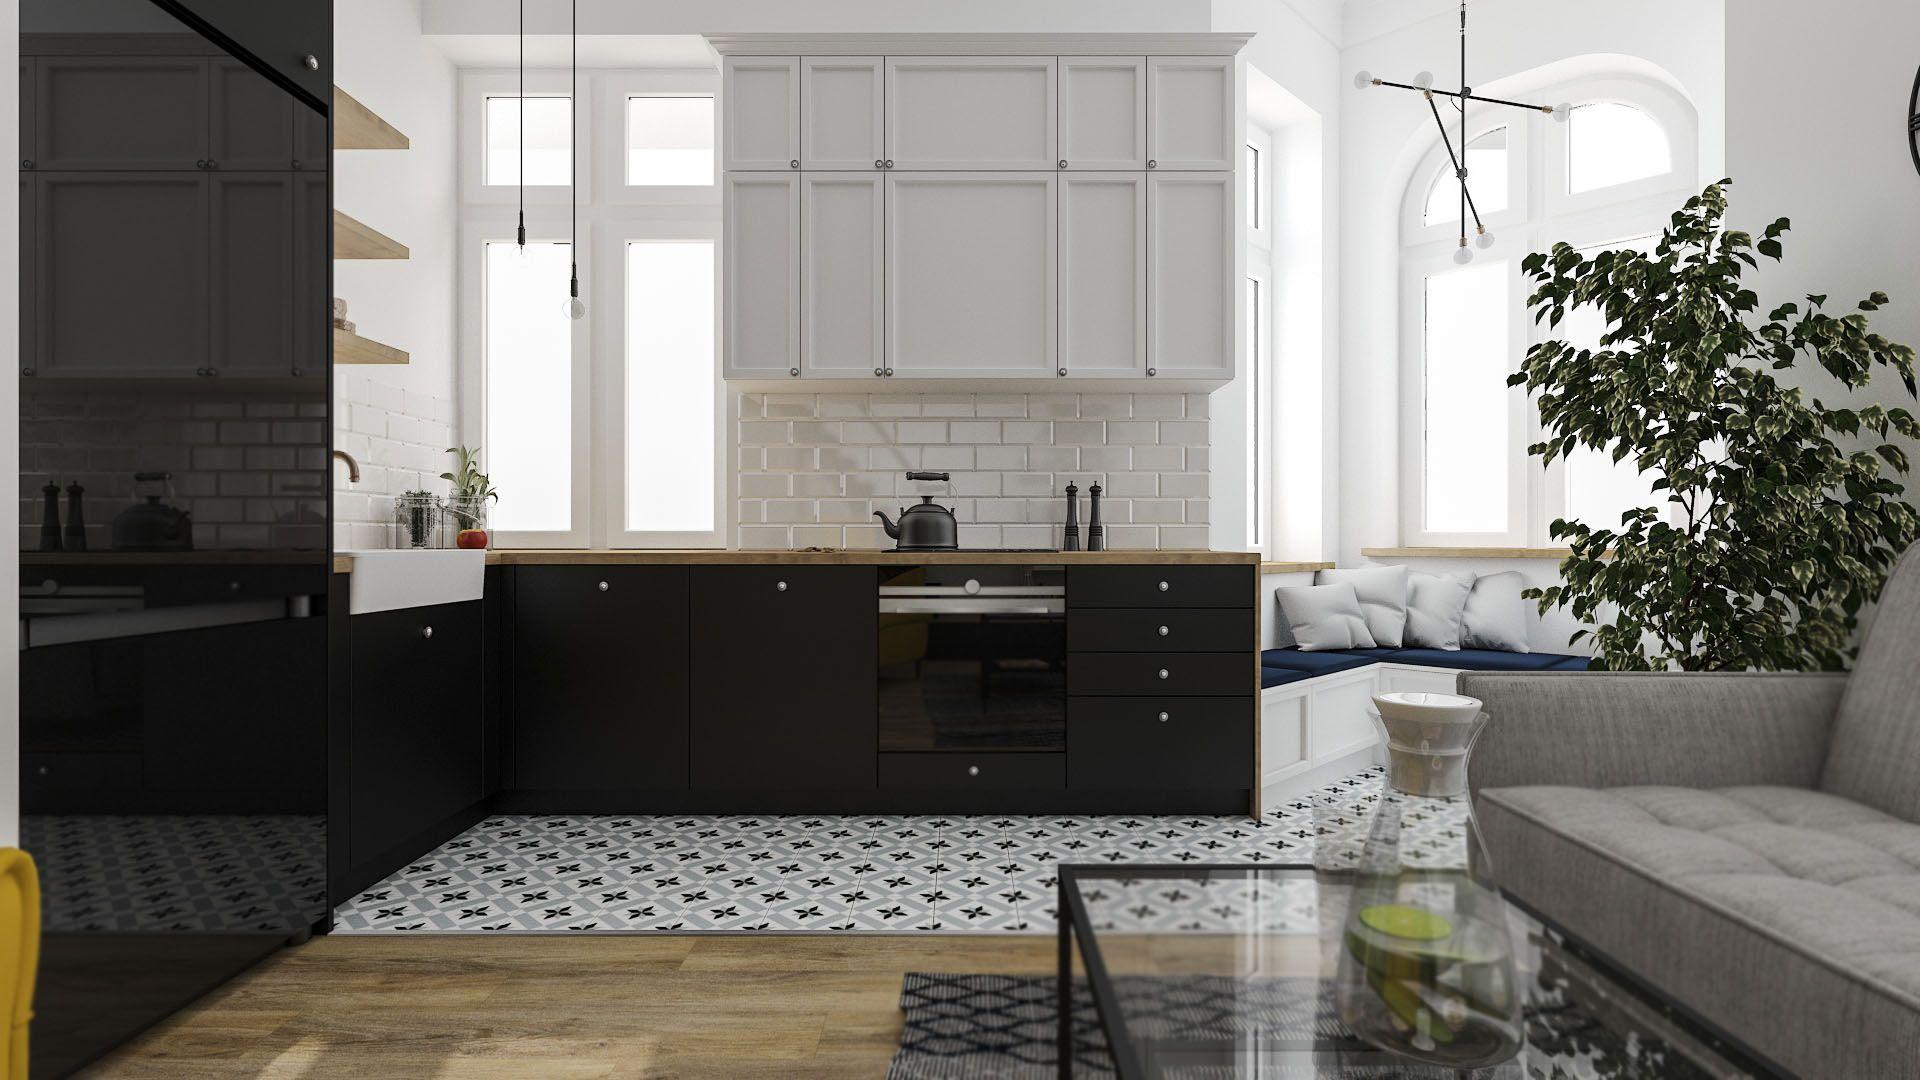 Nowoczesna Kuchnia Z Wykuszem Home Decor Kitchen Cabinets Home